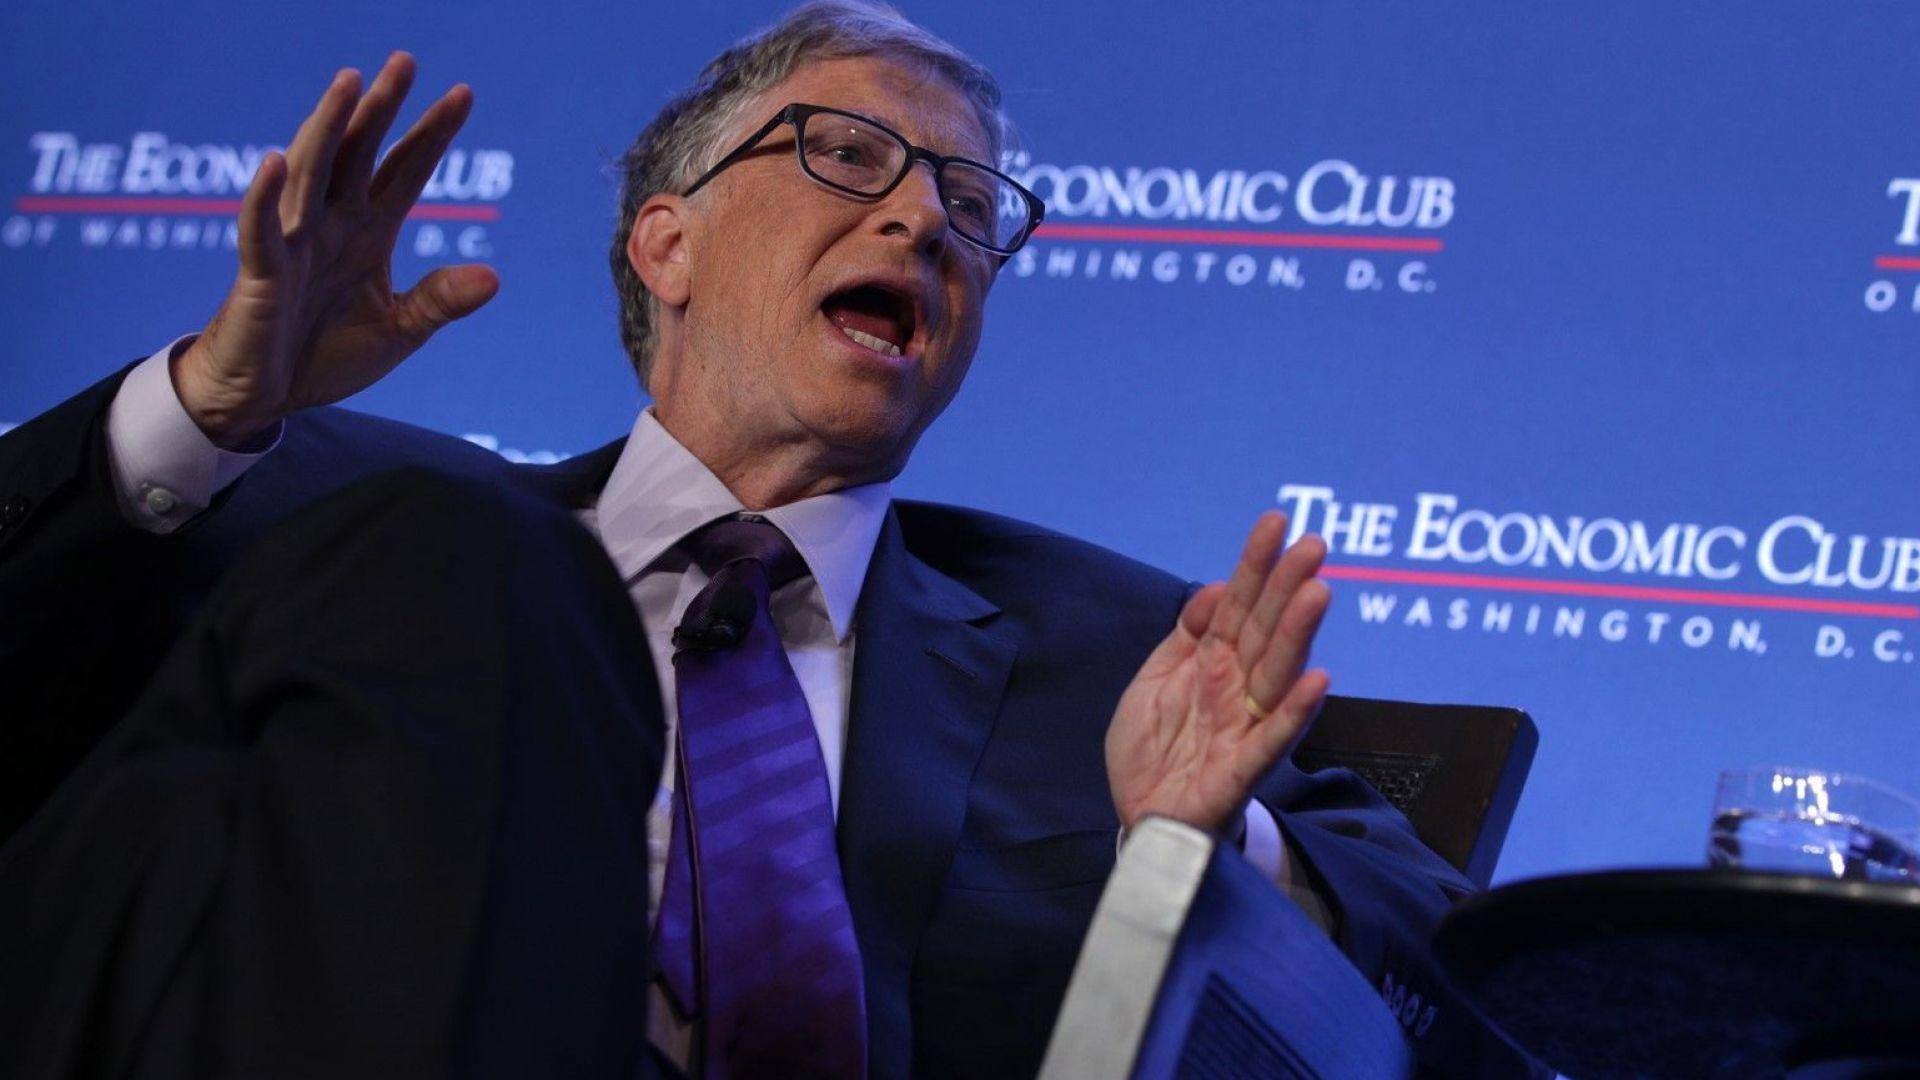 Коронавирус и лъжи: приписват на Бил Гейтс пъклен план